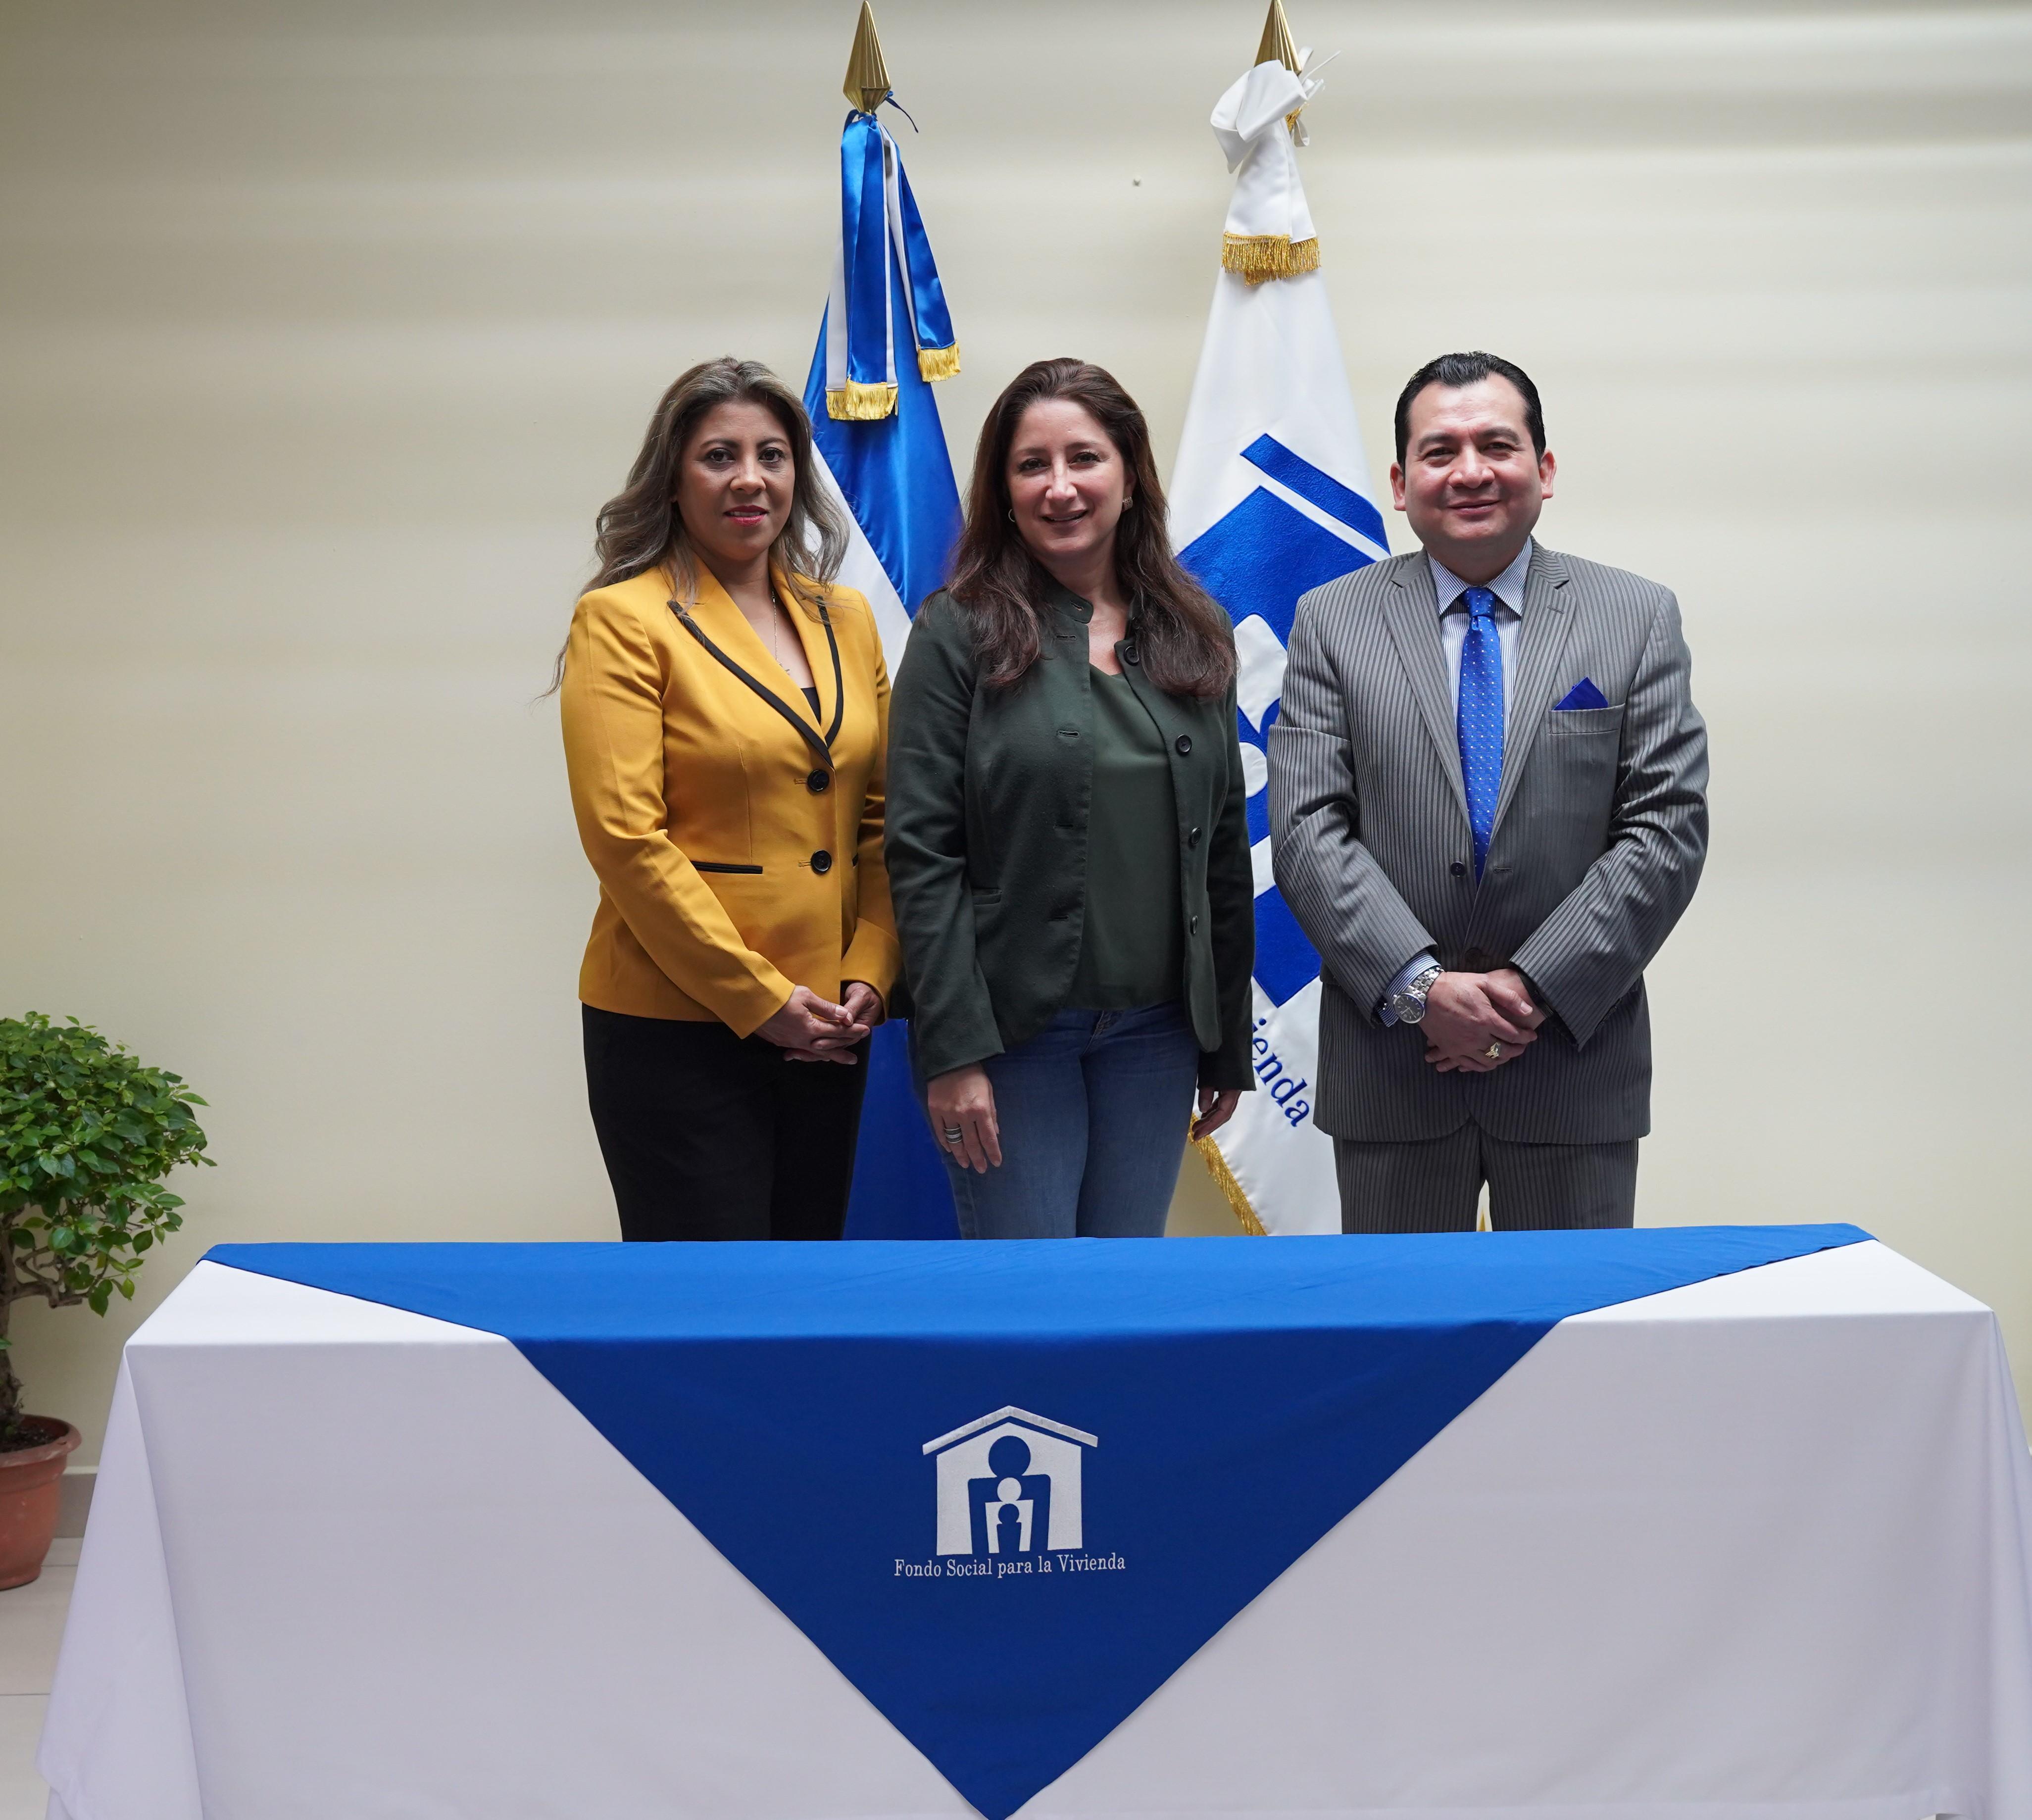 Lic. Oscar Morales, Presidente del FSV